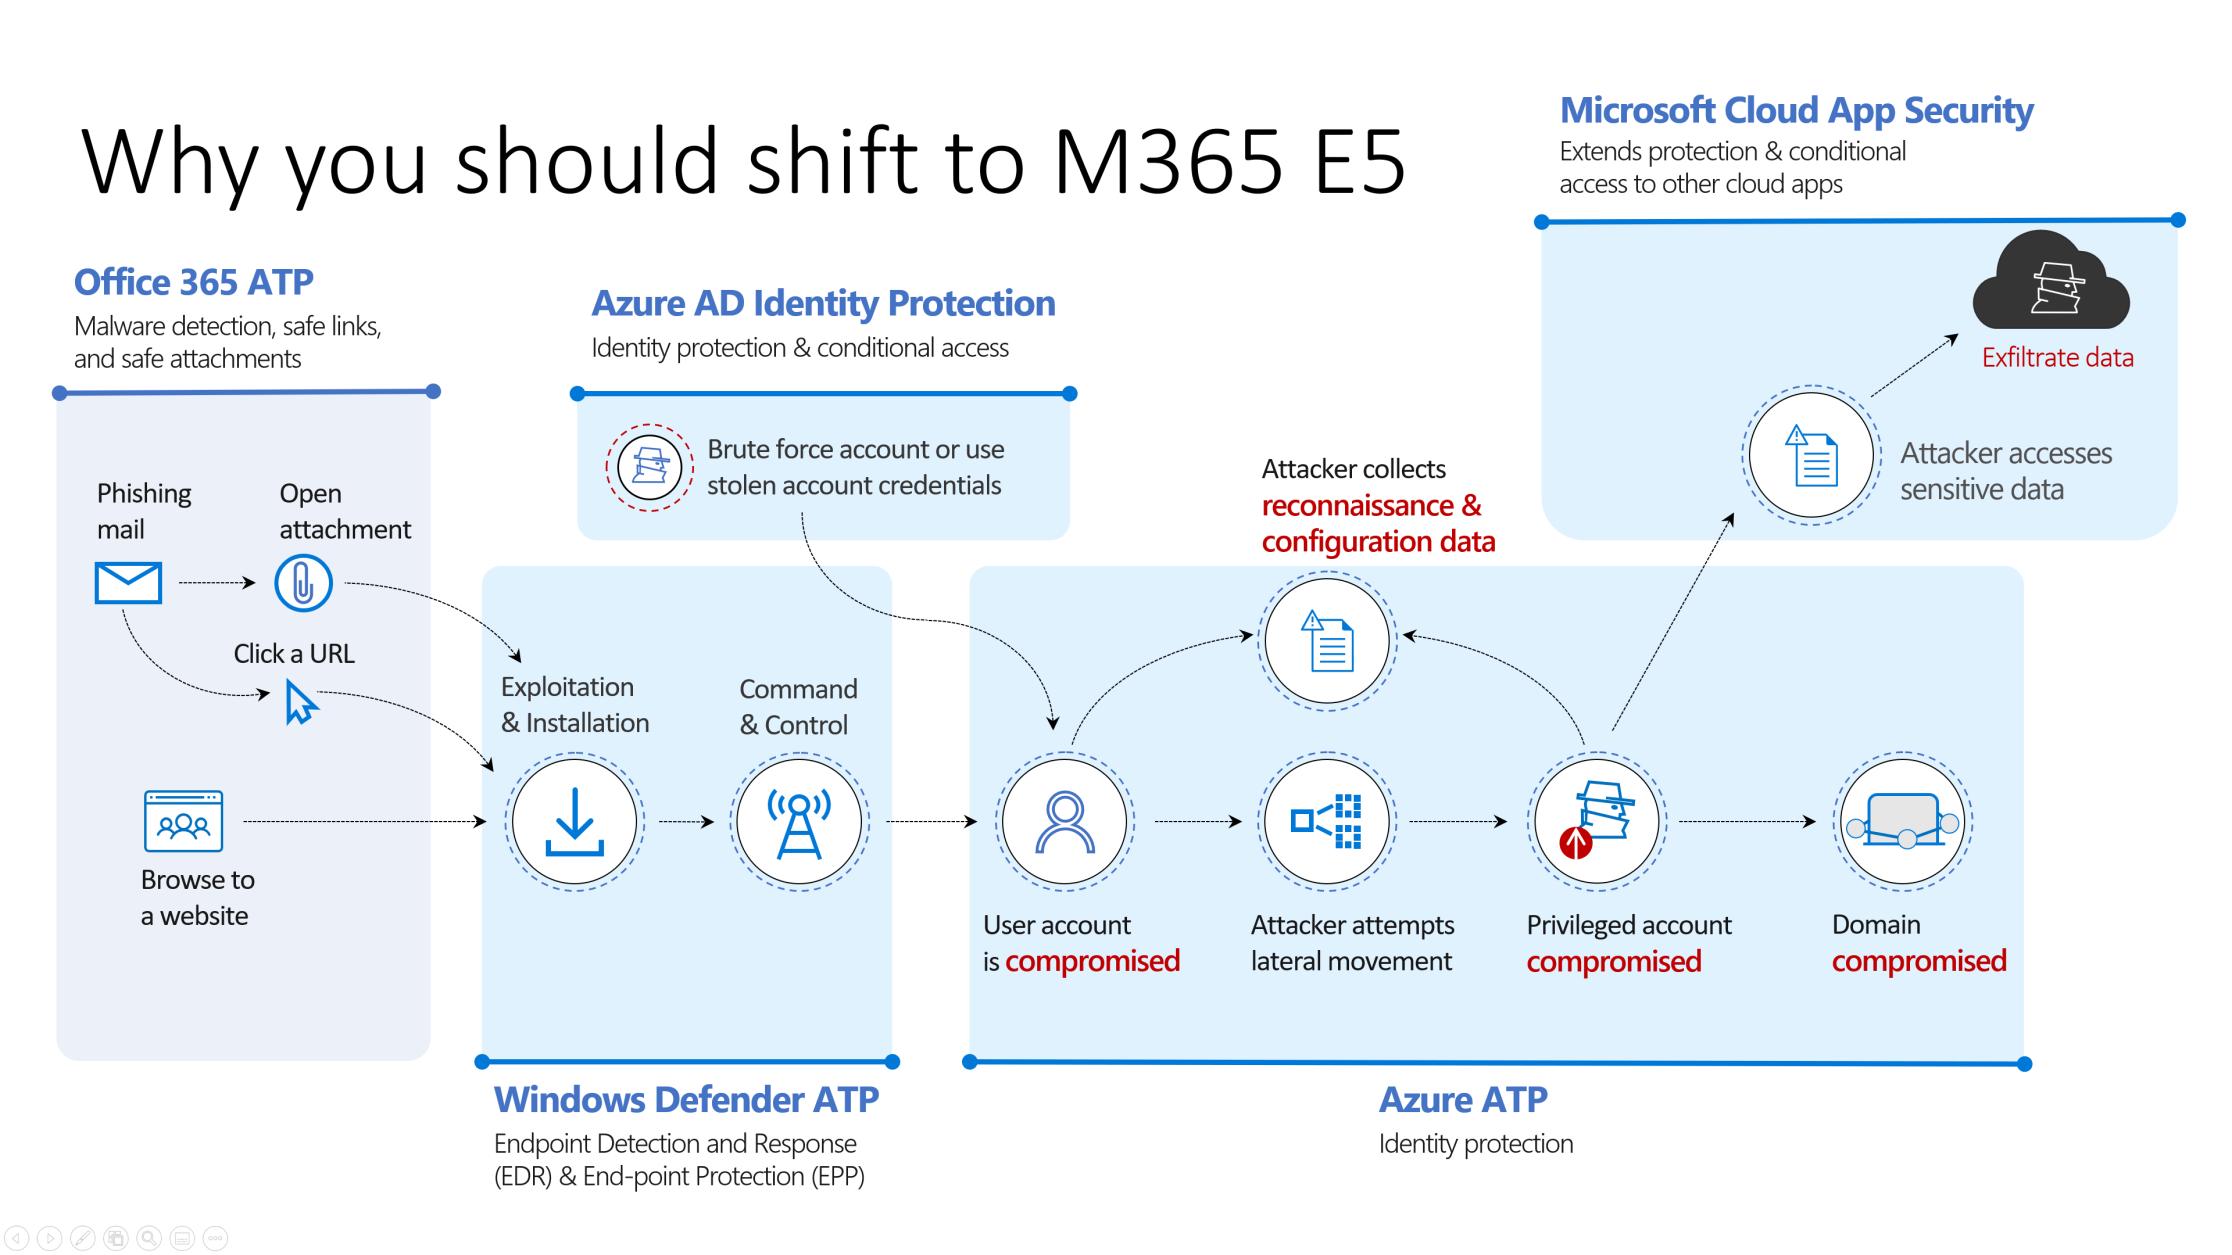 Shift to M365 E5 the attack chain